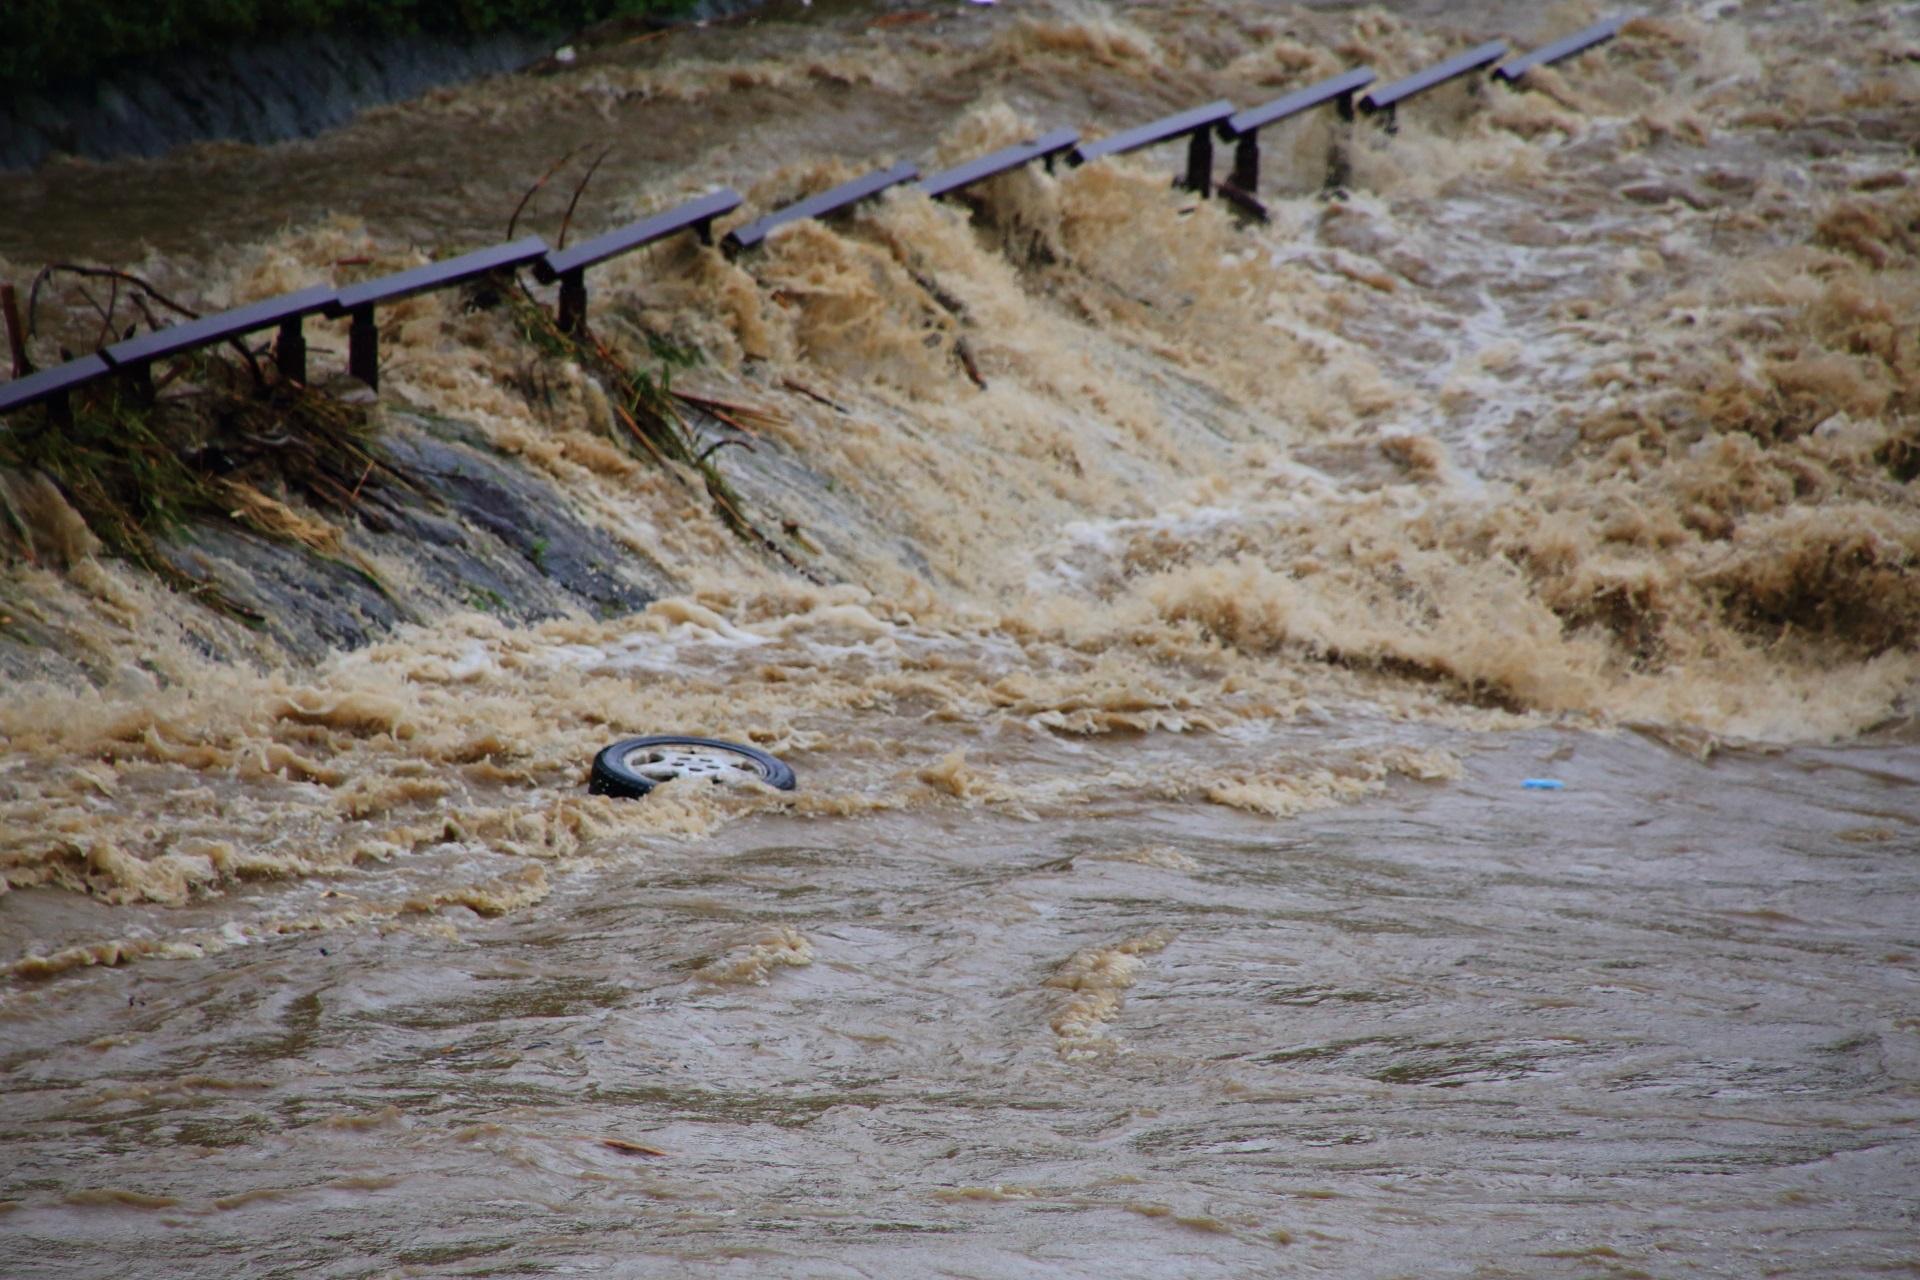 鴨川の激流で流されるタイヤ